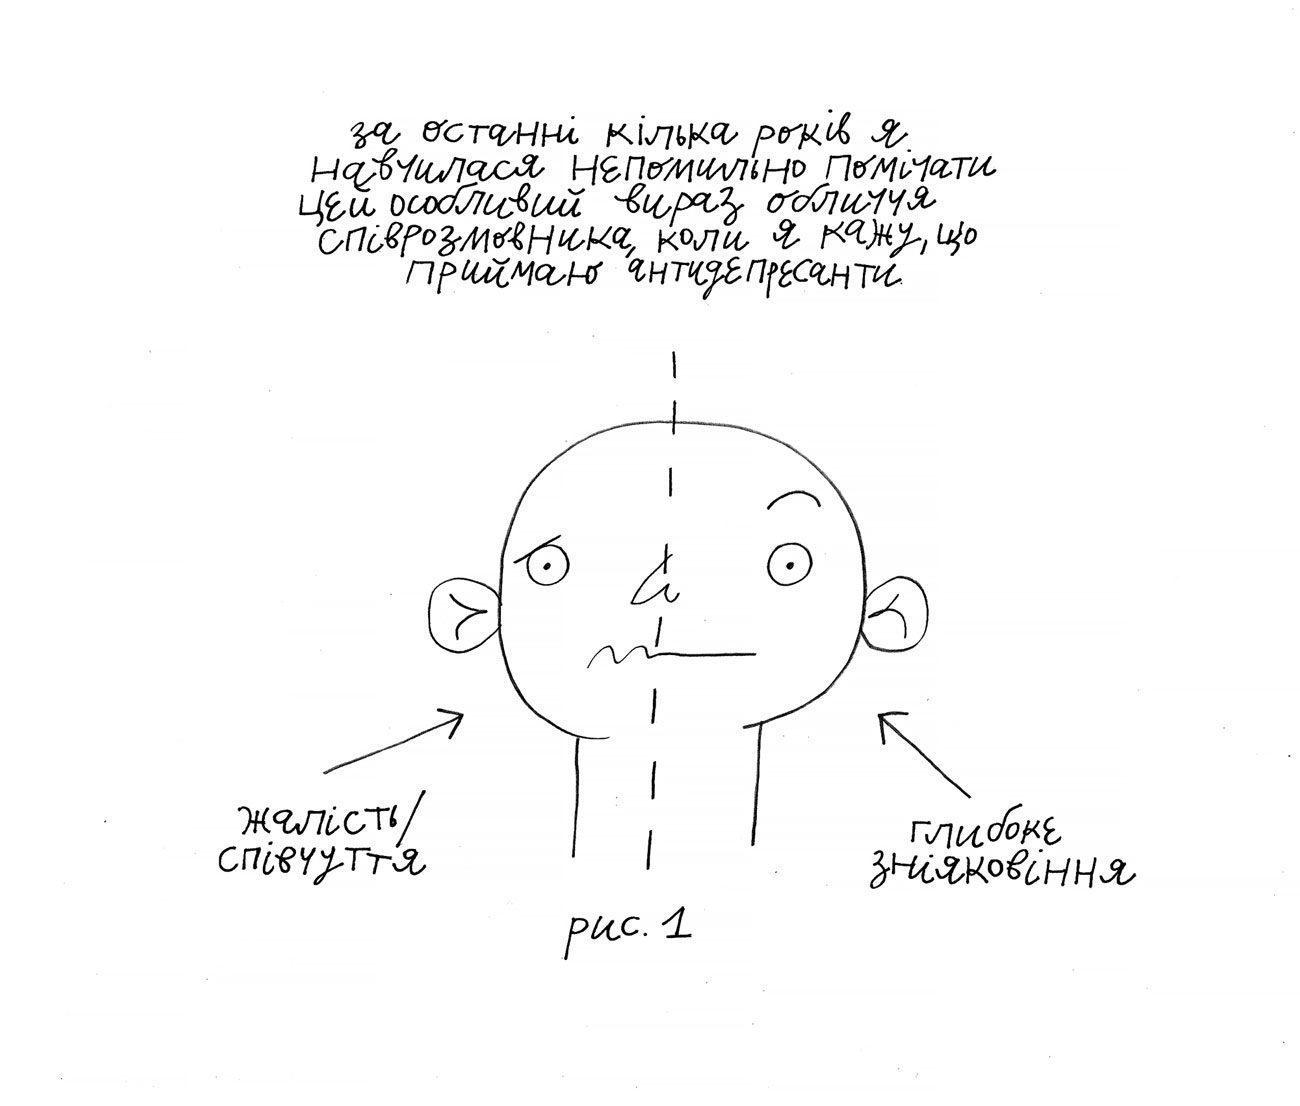 comics oliynik 07 - <b>Вам дісталася сумна дитина.</b> Комікс Жені Олійник про те, як депресія впливає на стосунки - Заборона